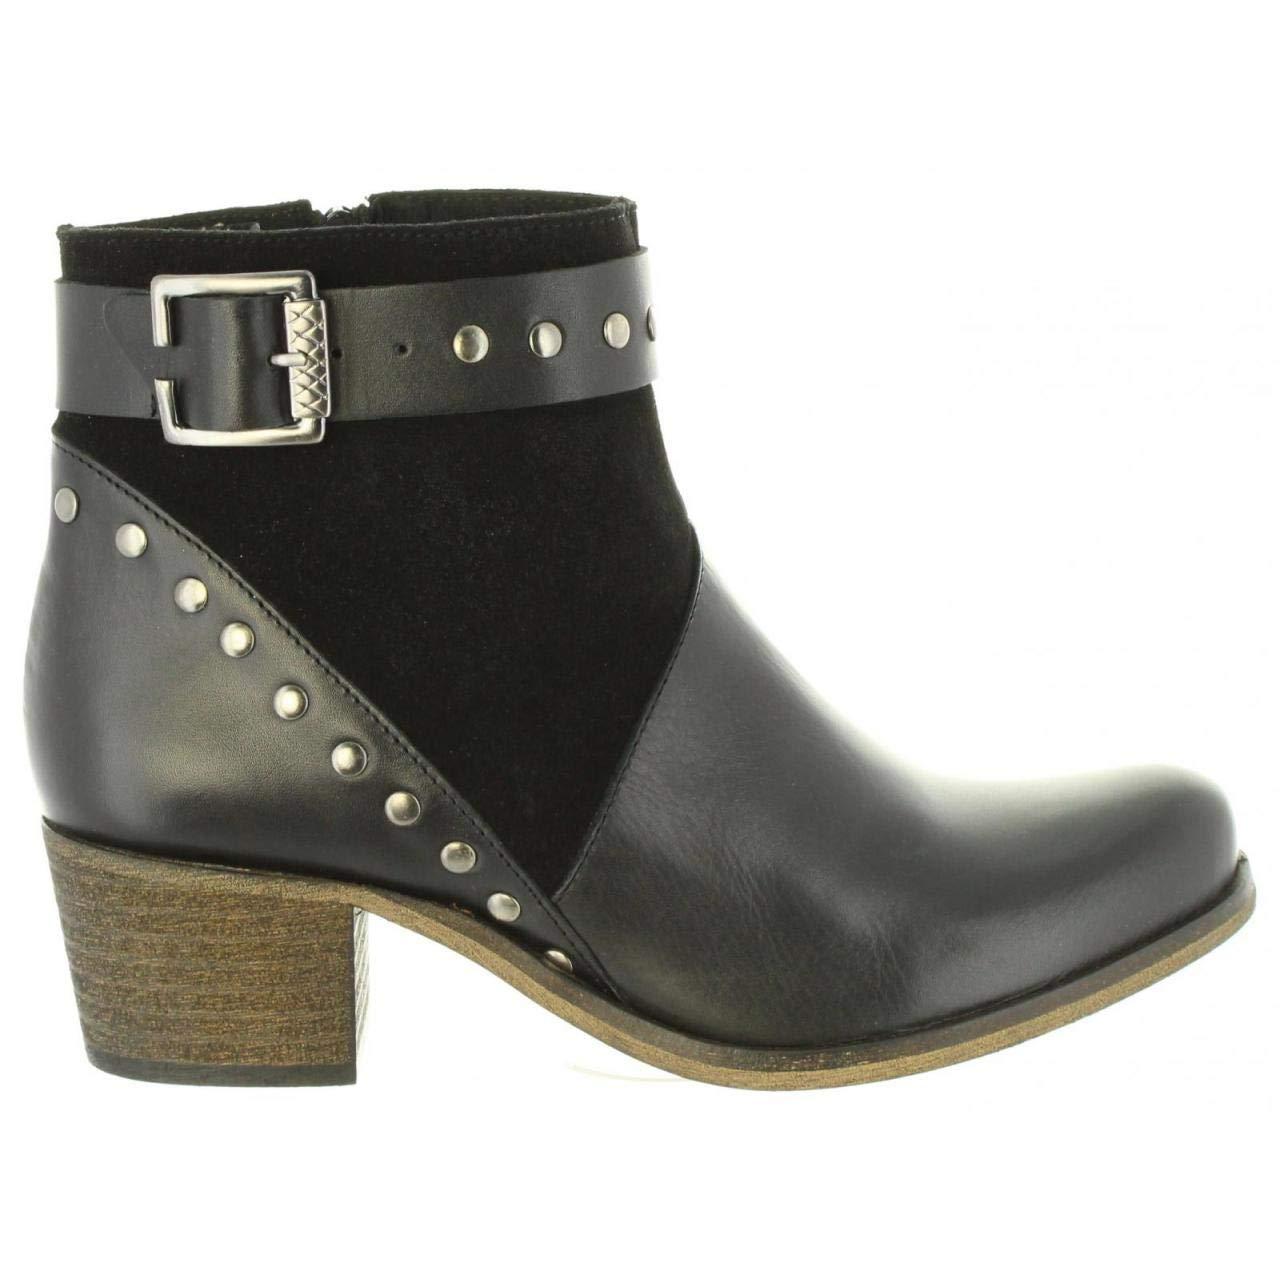 CUMBIA Stiefel für Damen 31085 schwarz